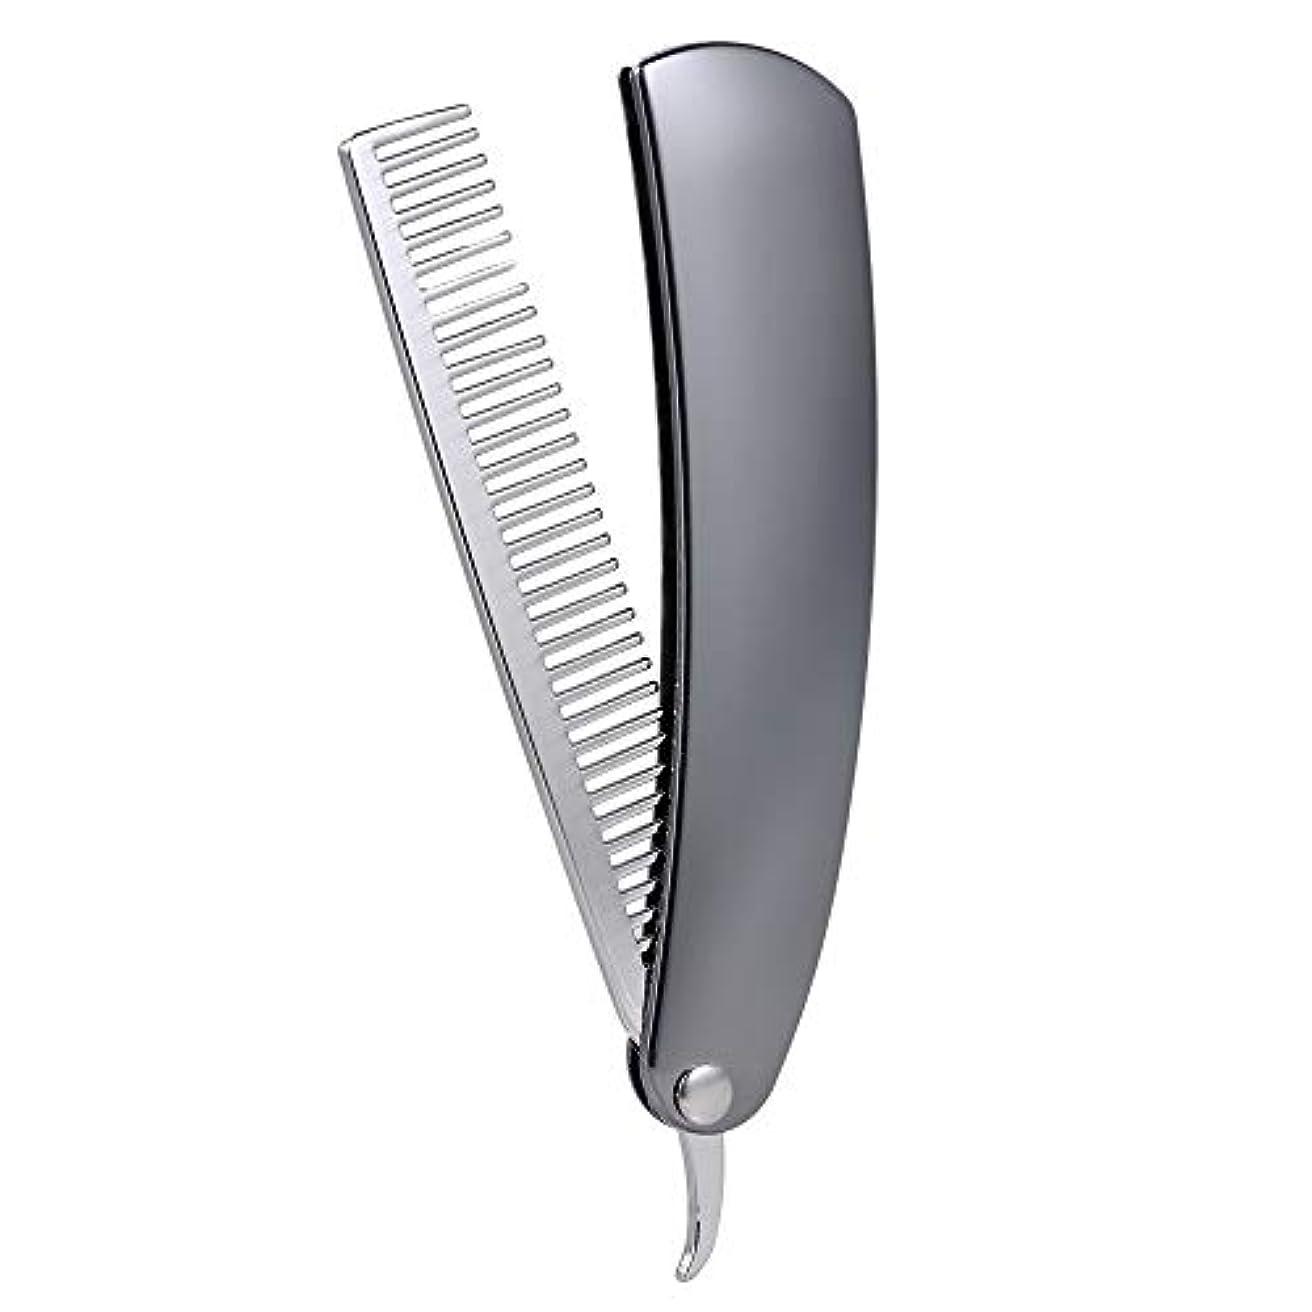 癒す作家ウェブFoldable Male Beard hair Combs Stainless Steel Brush Mini Pocket Men's Shaving Comb Portable Mustache Styling...